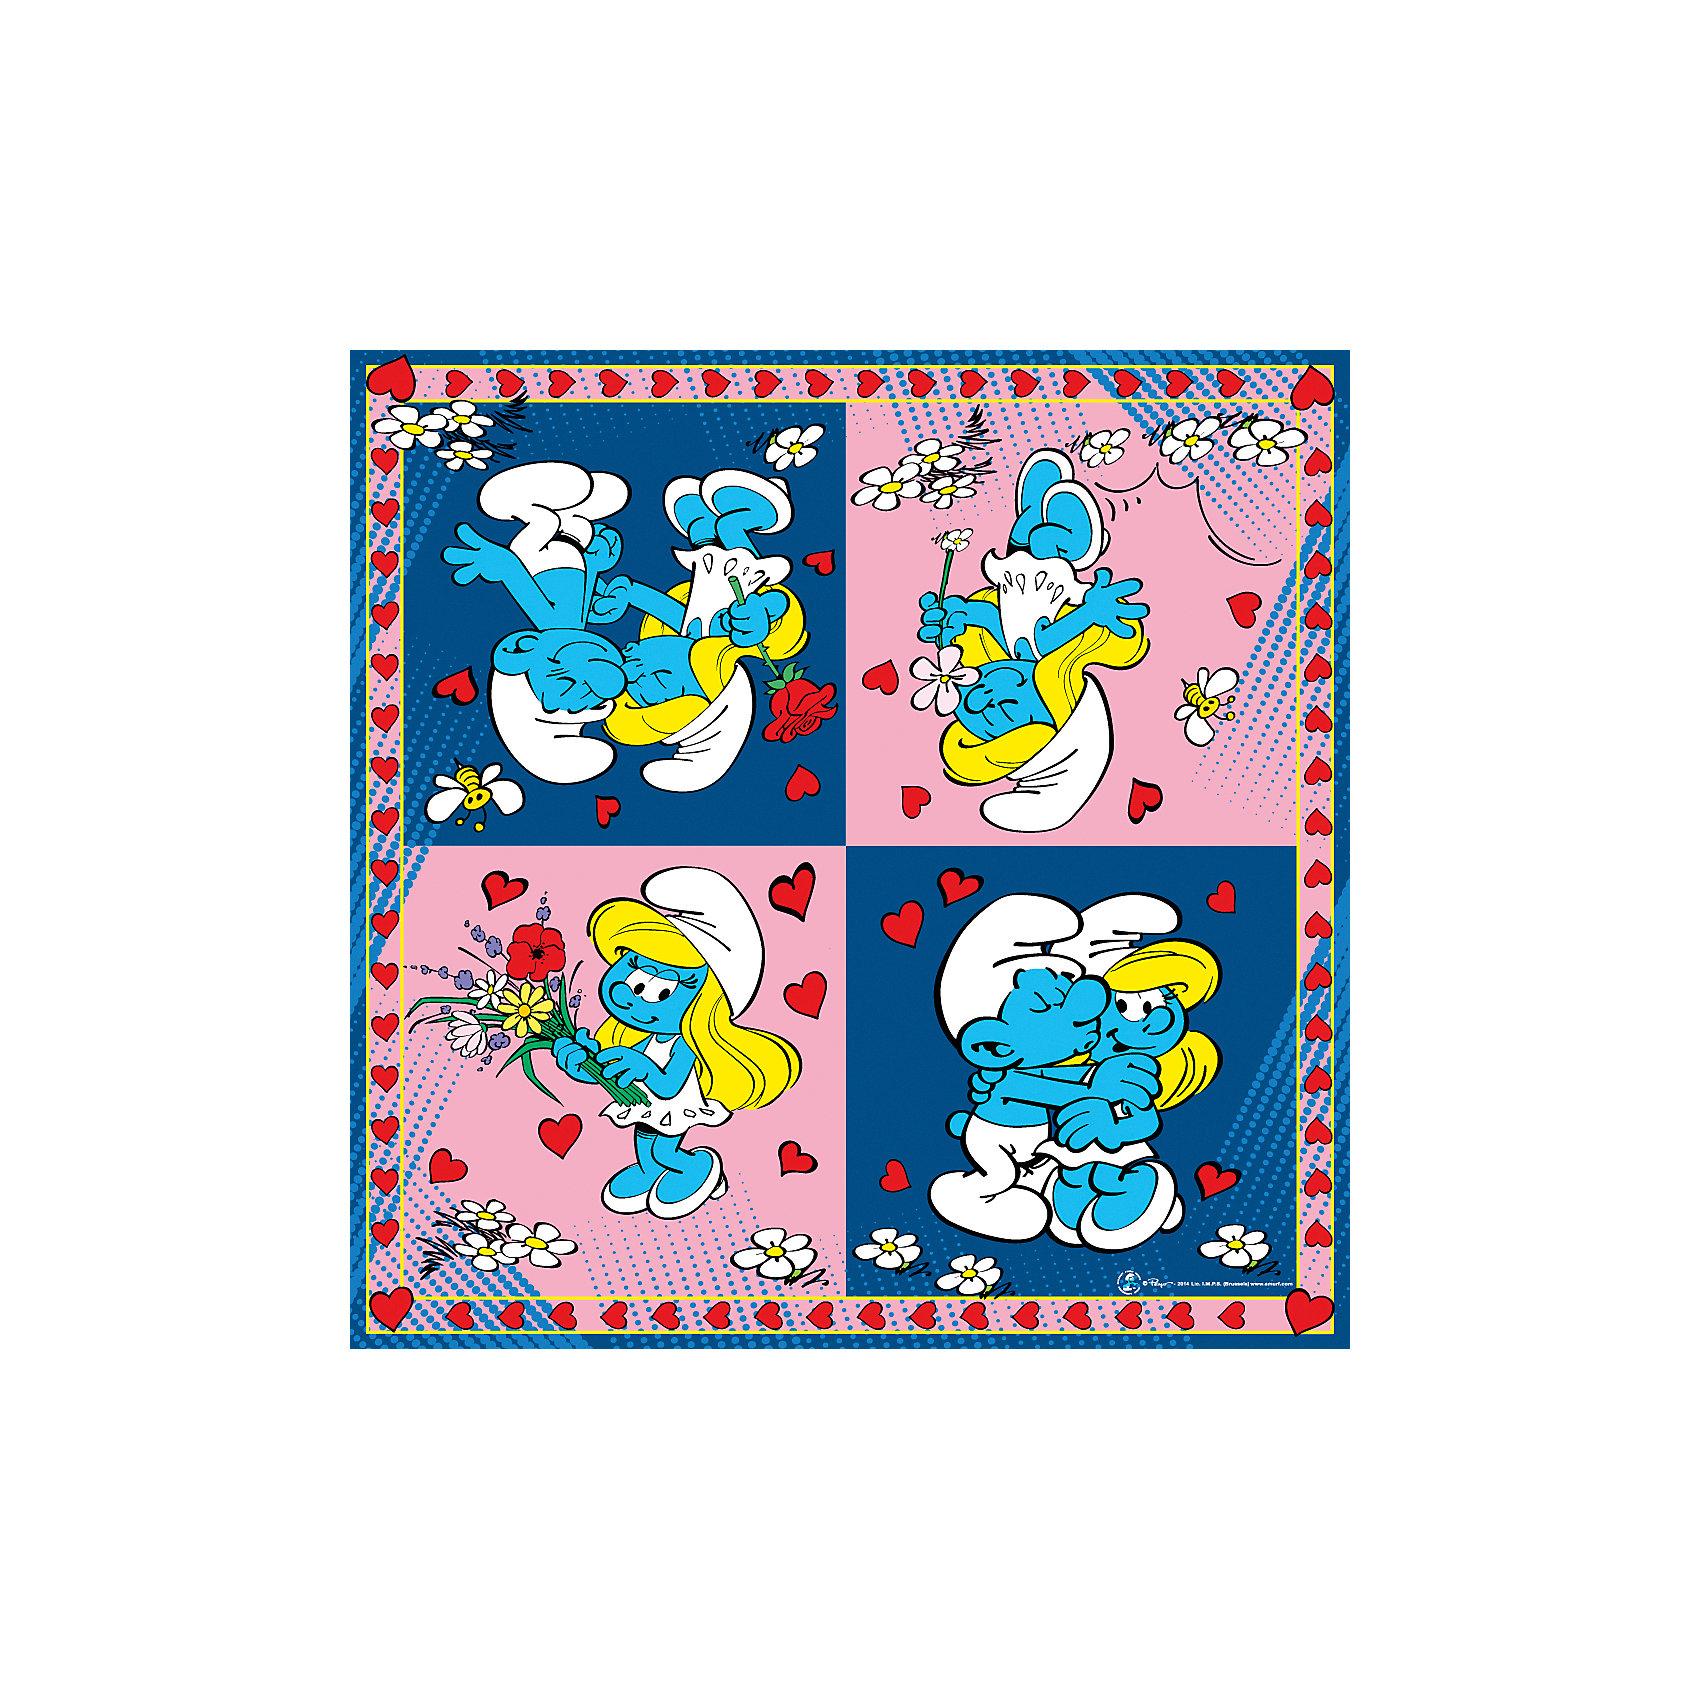 Салфетки Смурфики 33*33 см (20 шт)Красиво украсить праздничный стол на детском празднике Вам помогут посуда и аксессуары в стиле любимых детских персонажей. Нарядные салфетки Смурфики выполнены по мотивам одноименного популярного мультсериала и украшены изображениями забавных веселых смурфиков. Этот симпатичный аксессуар поможет сделать детский праздник ярким и запоминающимся. Комплект включает в себя 20 красочных двухслойных салфеток.<br><br>Дополнительная информация:<br><br>- В комплекте: 20 штук.<br>- Размер салфетки: 33 х 33 см.<br>- Размер упаковки: 16,5 х 16,5 х 1,5 см.<br>- Вес: 85 гр.<br><br>Салфетки Смурфики, 20 шт., можно купить в нашем интернет-магазине.<br><br>Ширина мм: 165<br>Глубина мм: 165<br>Высота мм: 15<br>Вес г: 85<br>Возраст от месяцев: 36<br>Возраст до месяцев: 108<br>Пол: Унисекс<br>Возраст: Детский<br>SKU: 4046814